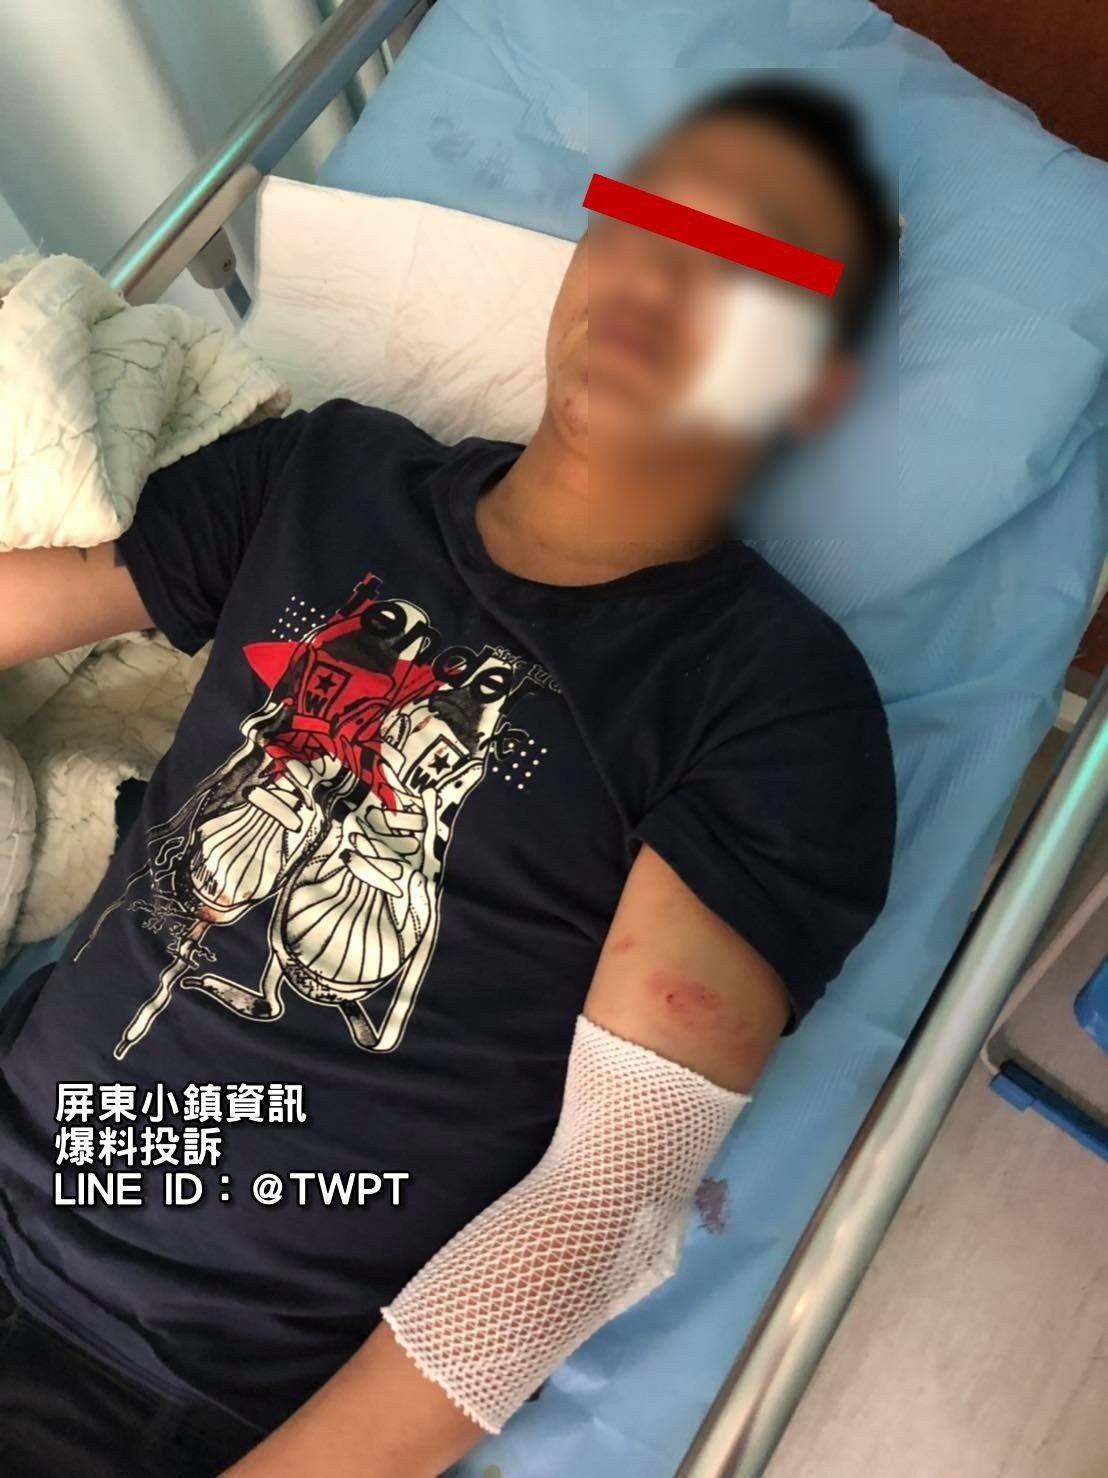 屏東1名男子外出買消夜,返回住處竟被數十惡煞包圍痛毆送醫。記者江國豪/翻攝